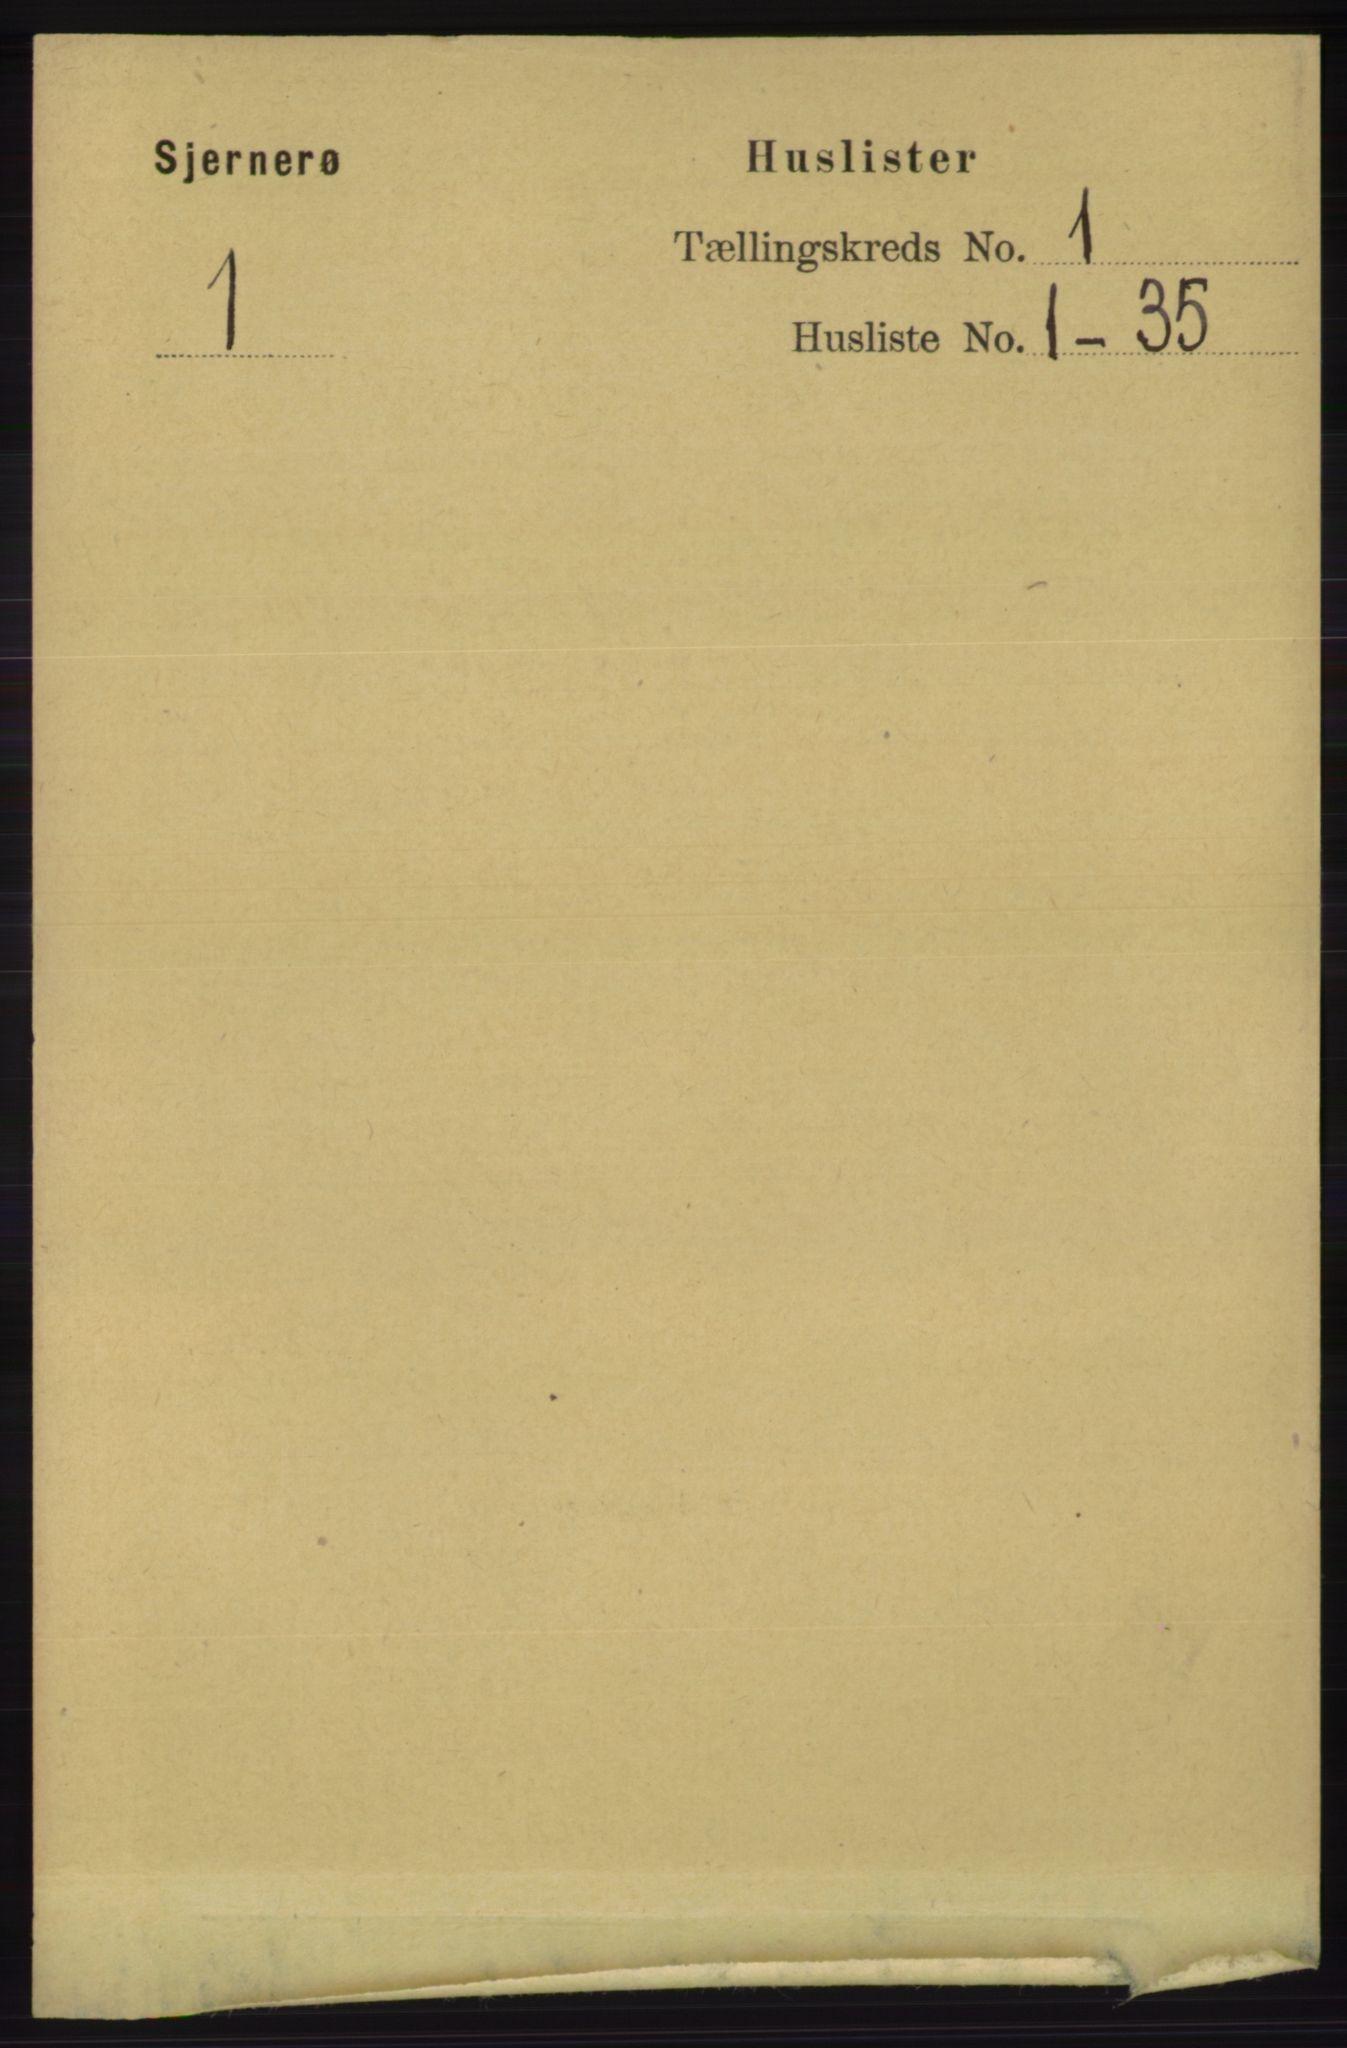 RA, Folketelling 1891 for 1140 Sjernarøy herred, 1891, s. 15